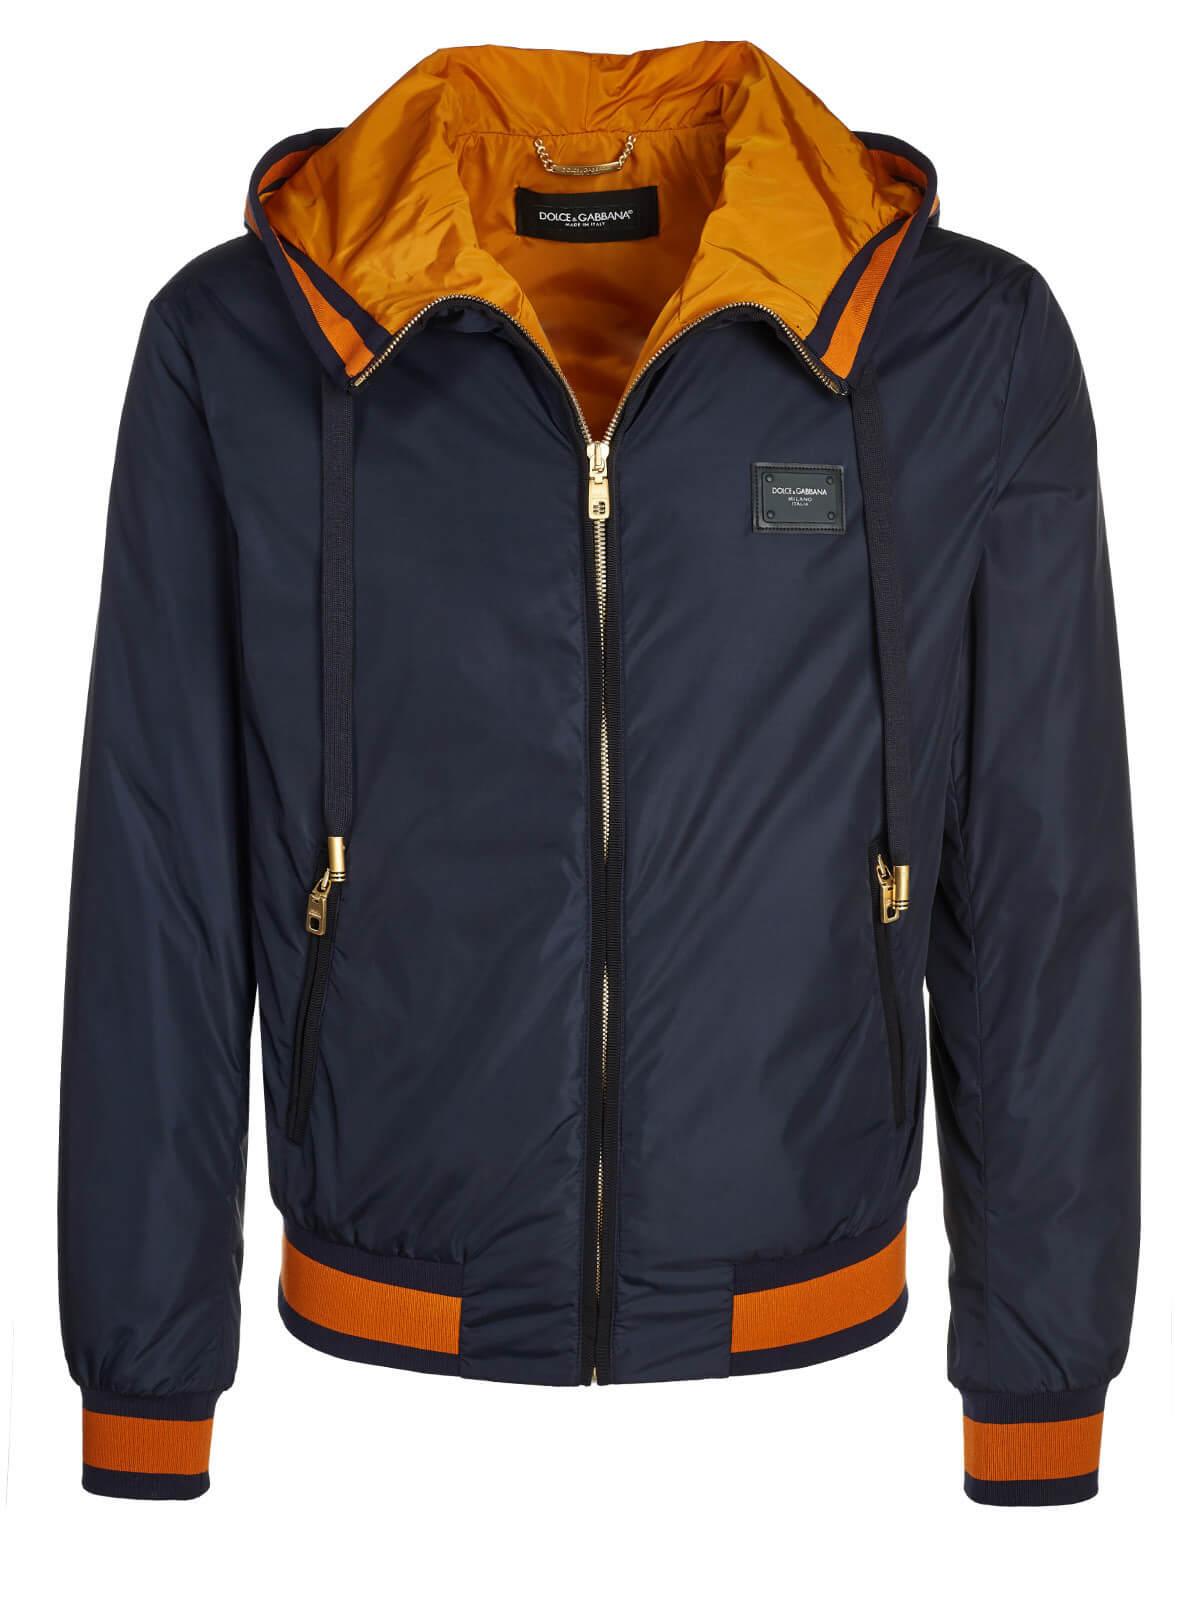 95b93206f3b Dolce & Gabbana Jacket dark blue | Fashionesta online shop